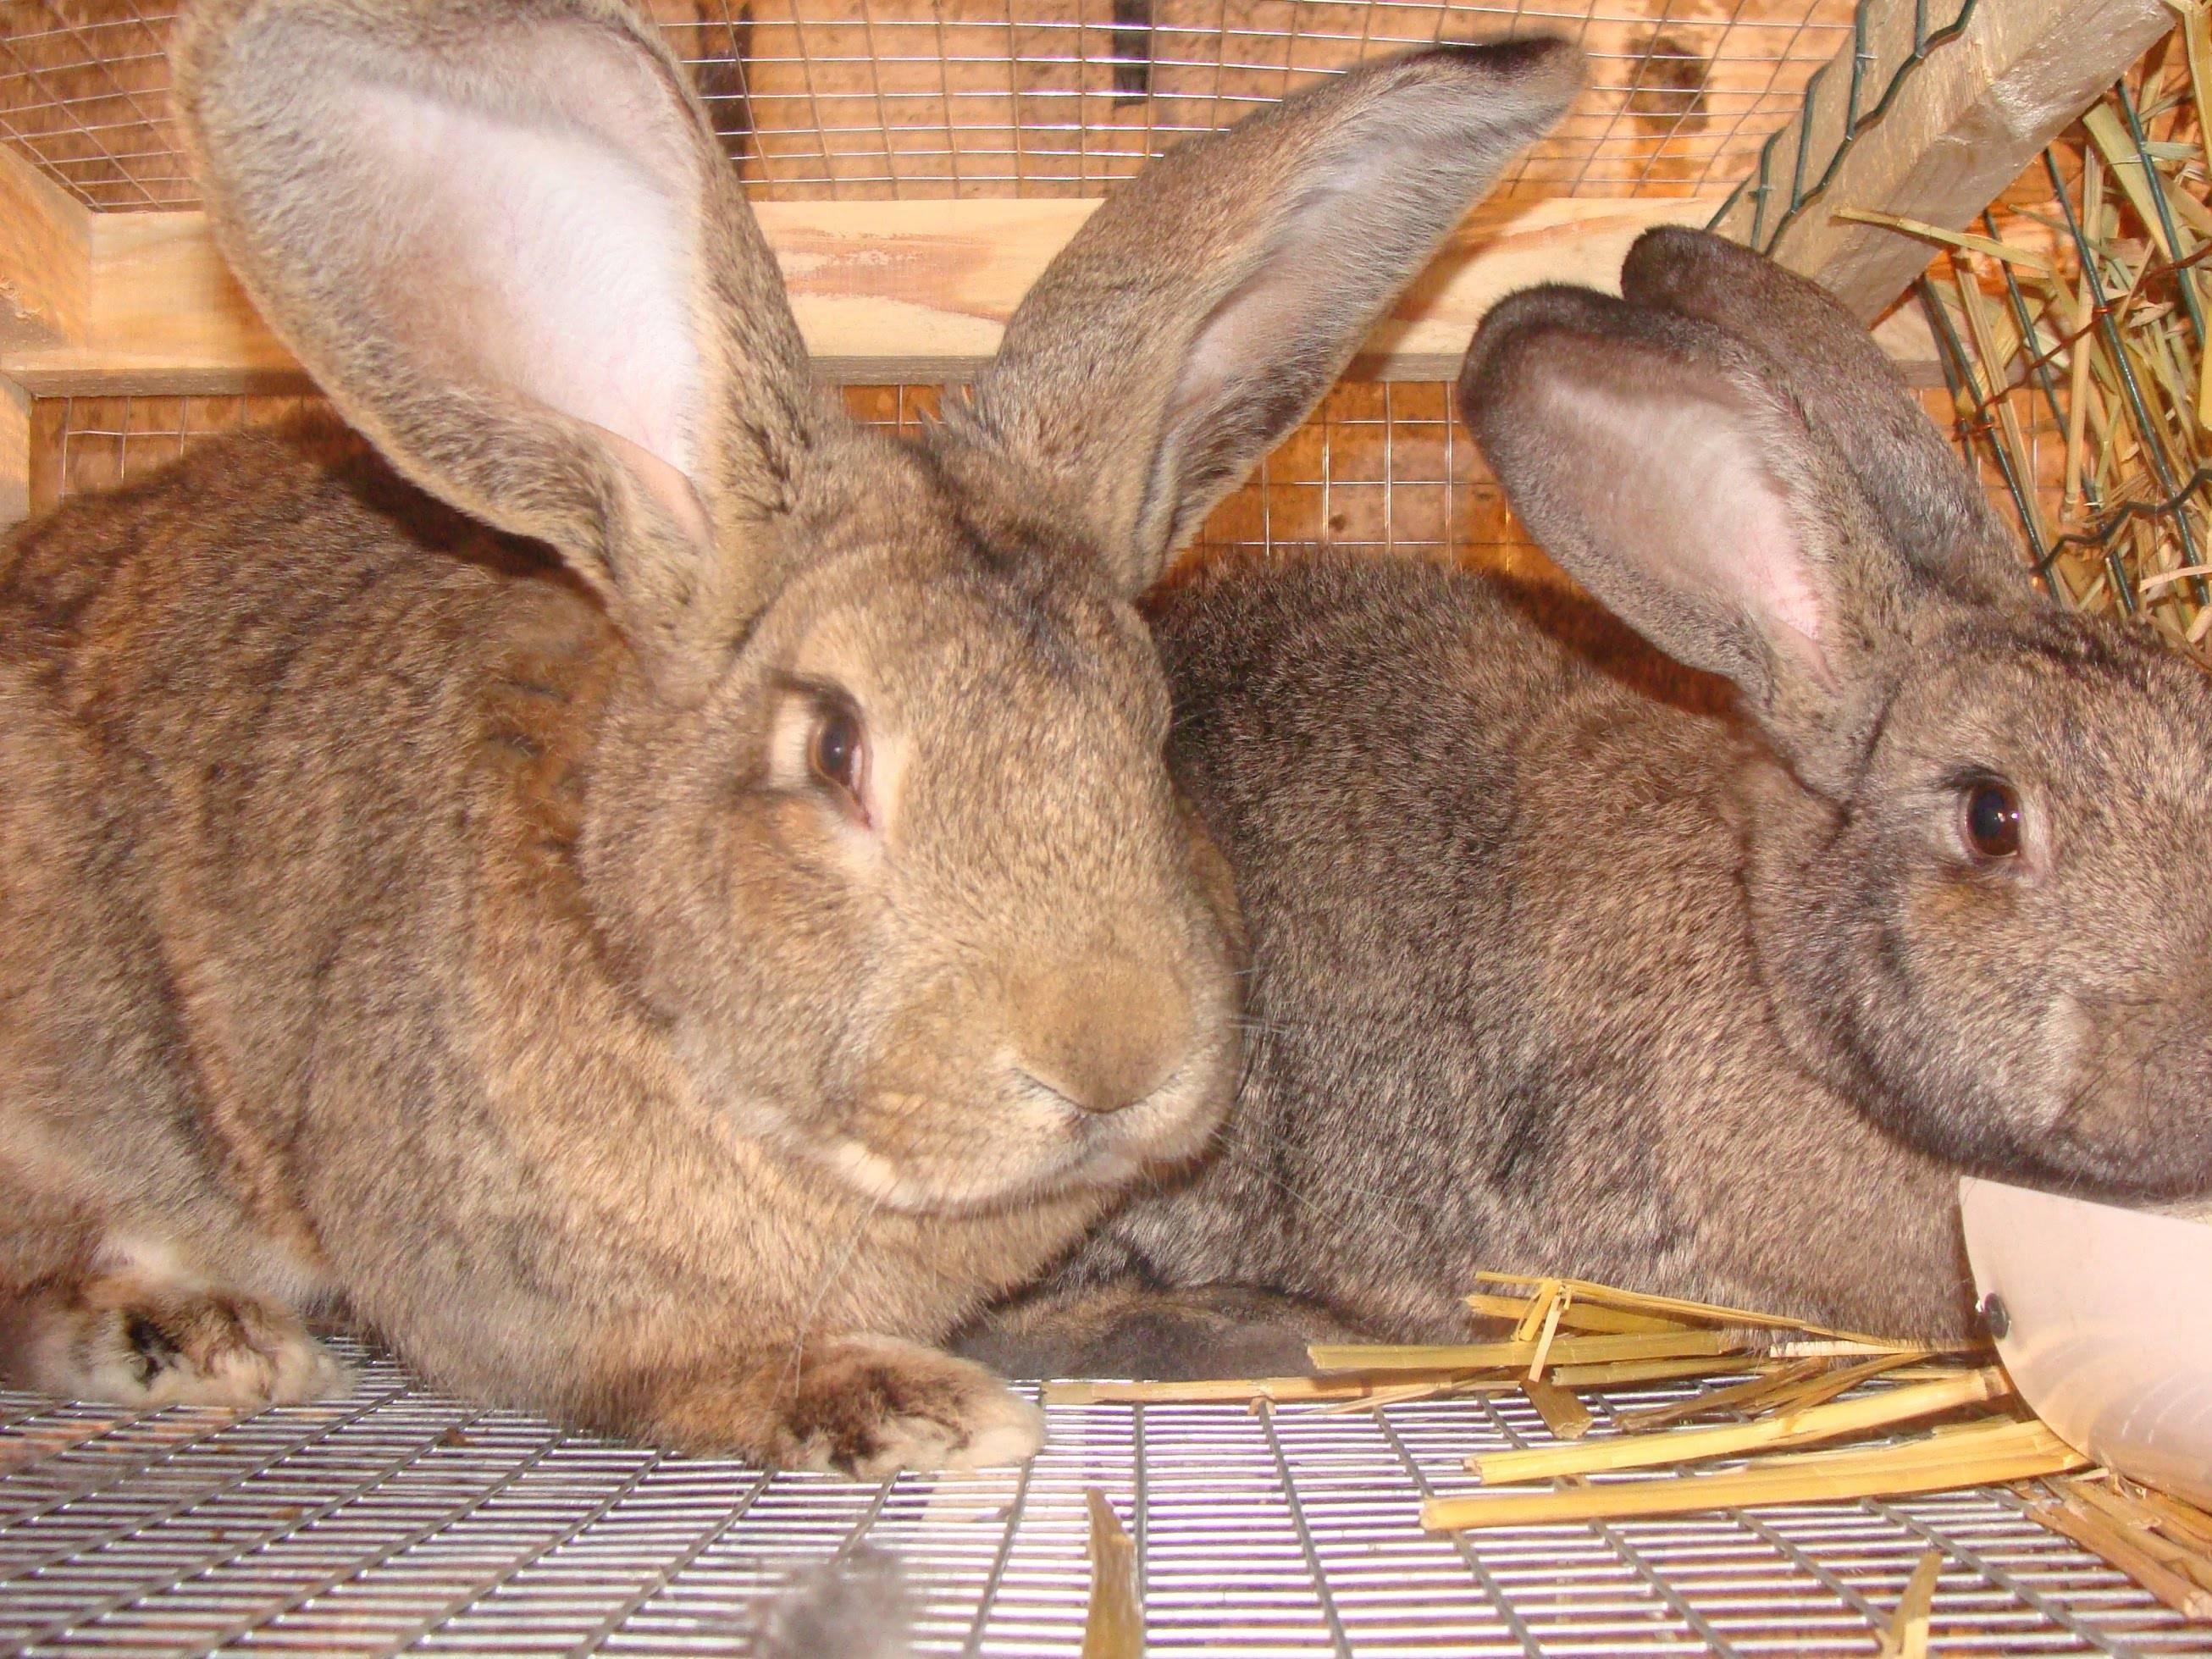 Кролики мясных пород: описание, фото, уход и разведение